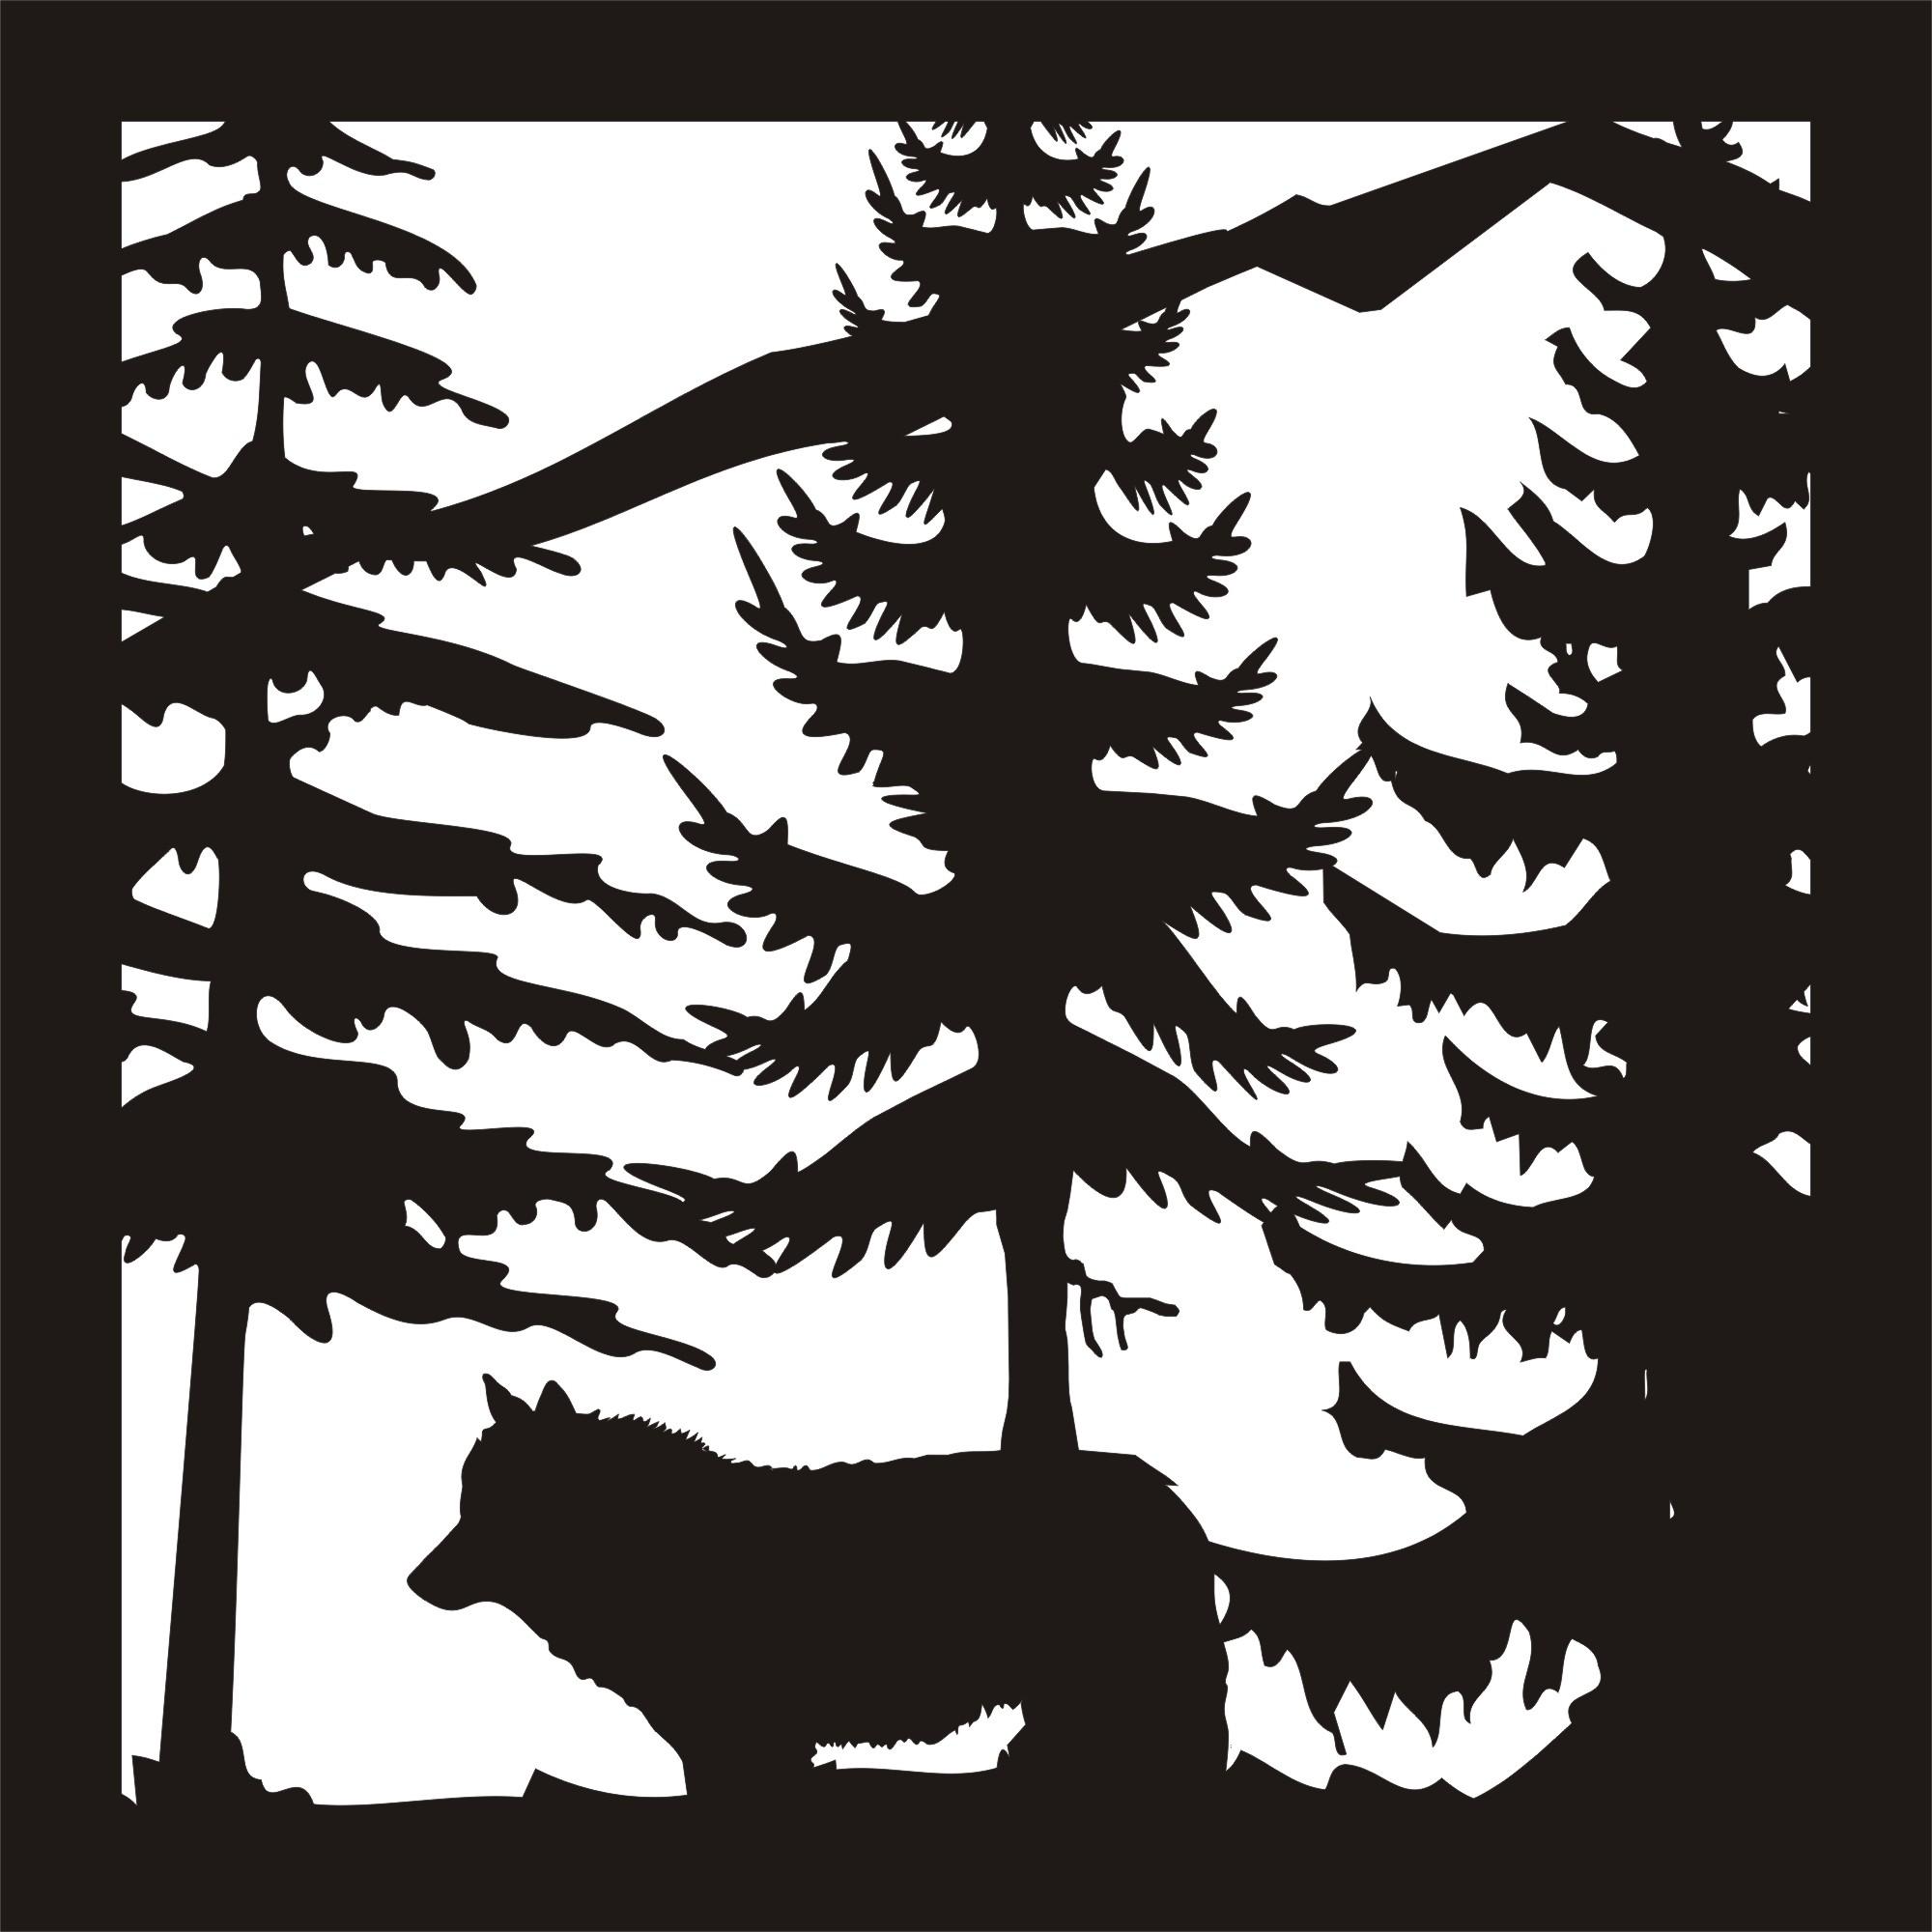 24 x24 New Wolf Trees Mountain Plasma Art DXF File